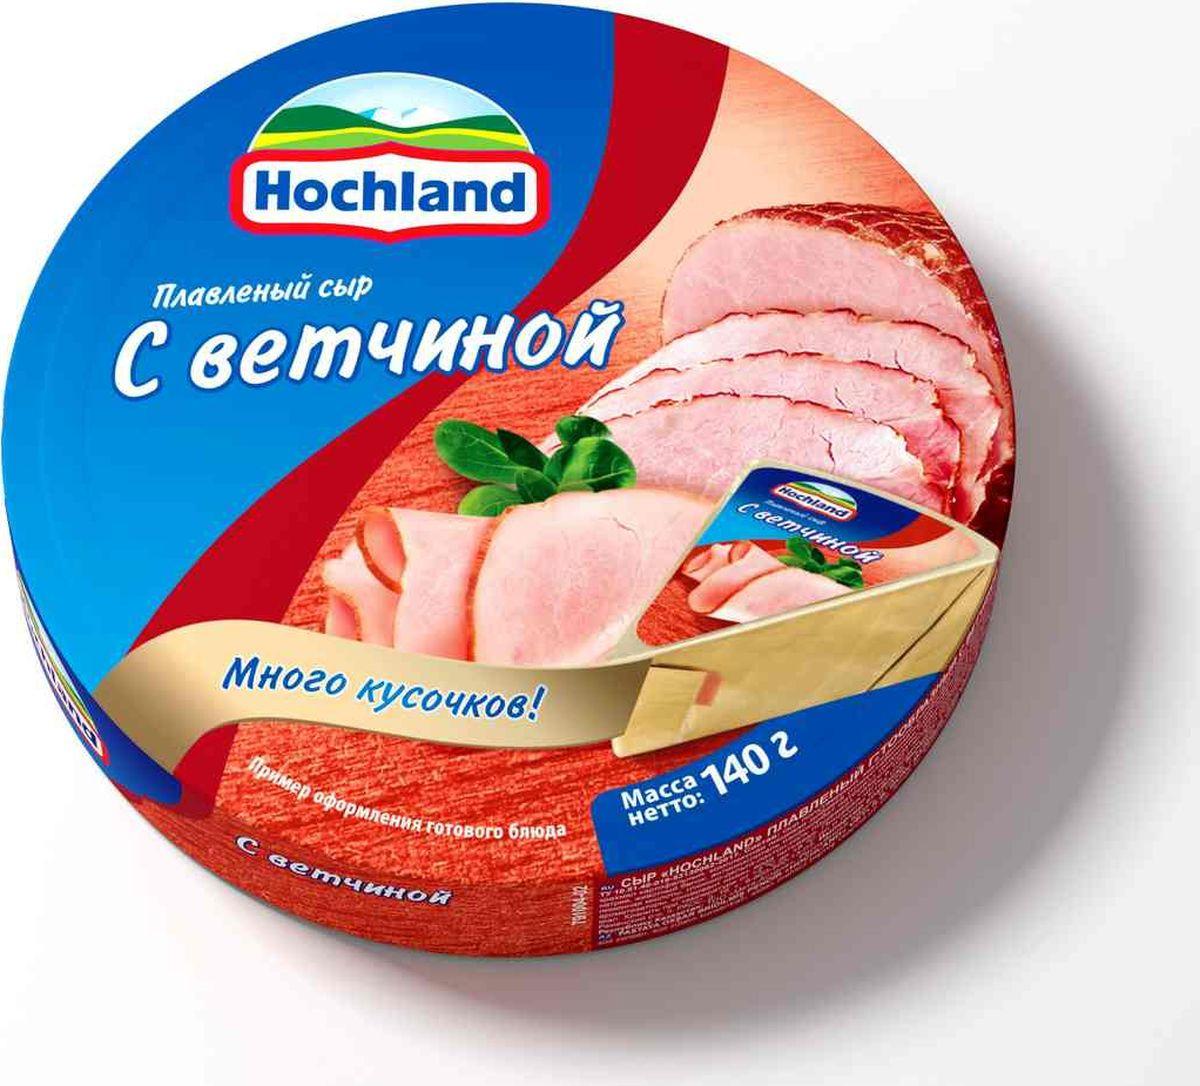 Плавленый сыр Hochland С ветчиной, 140 г